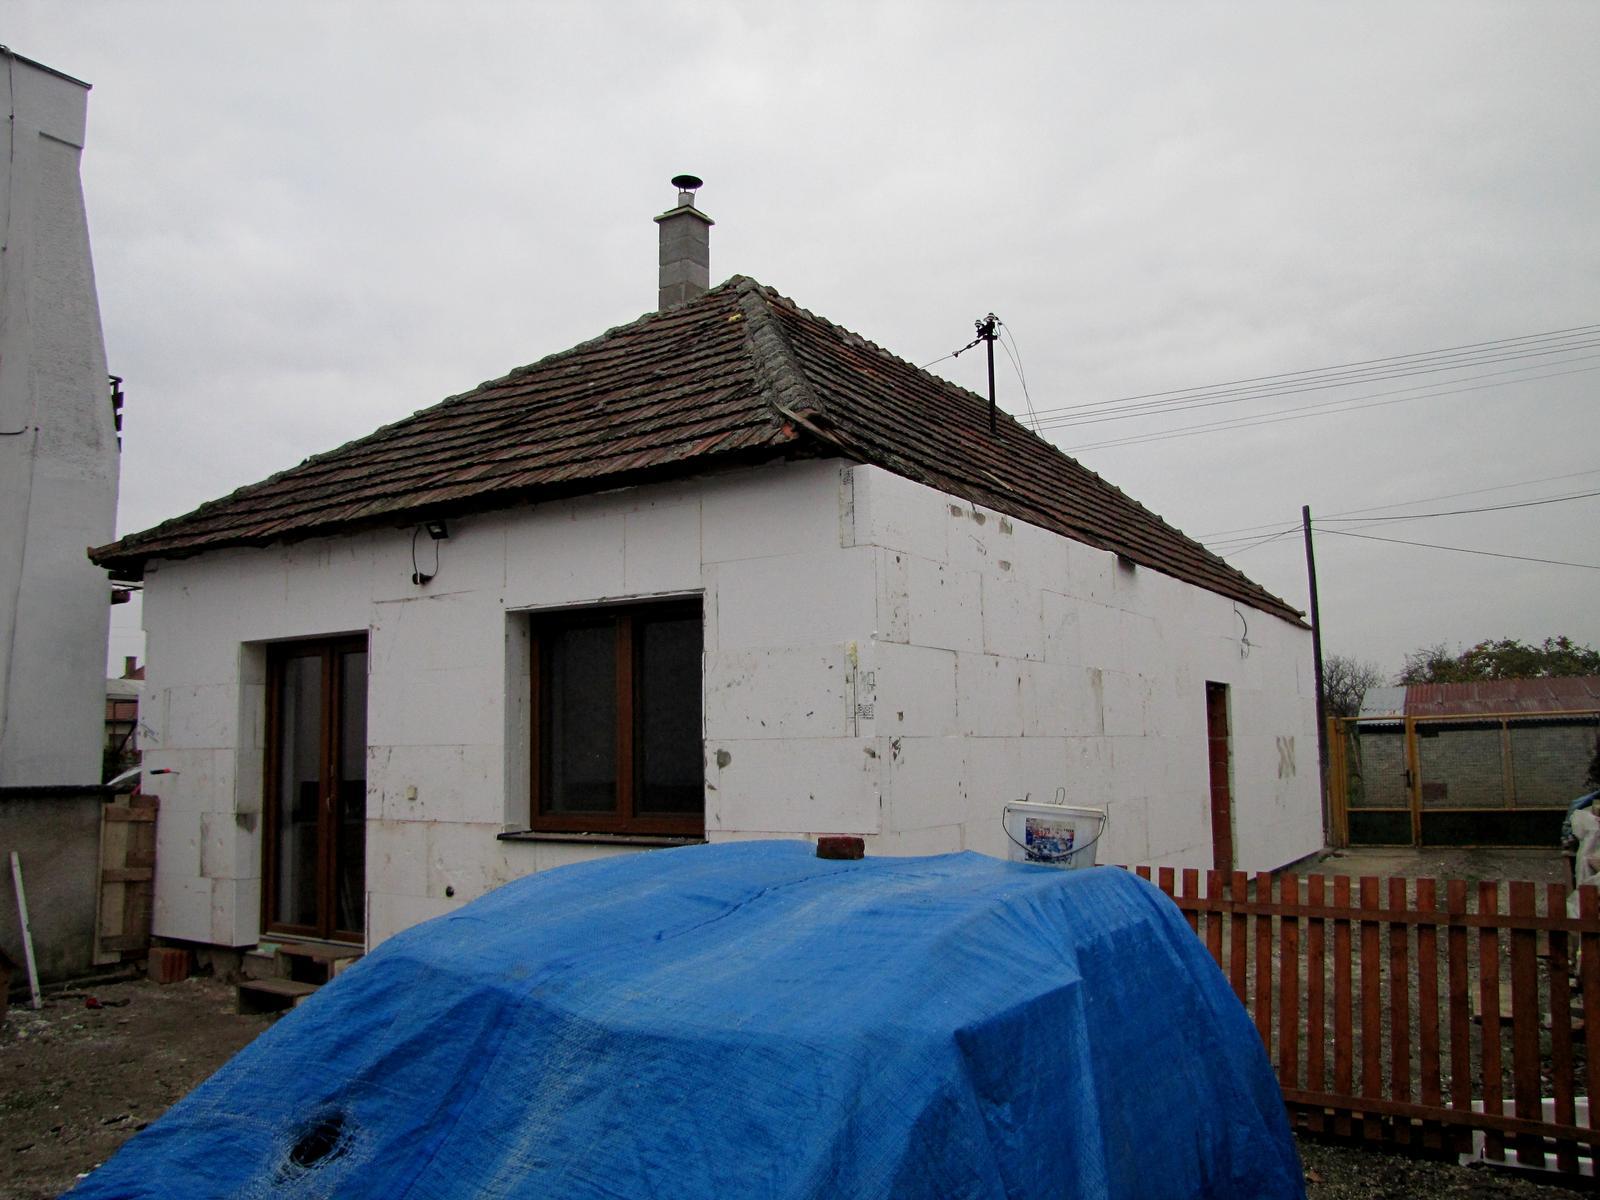 Rekonštrukcia starého domčeka - Domček dostal na zimu kabát .Ešte tú čapicu zo šiltom.